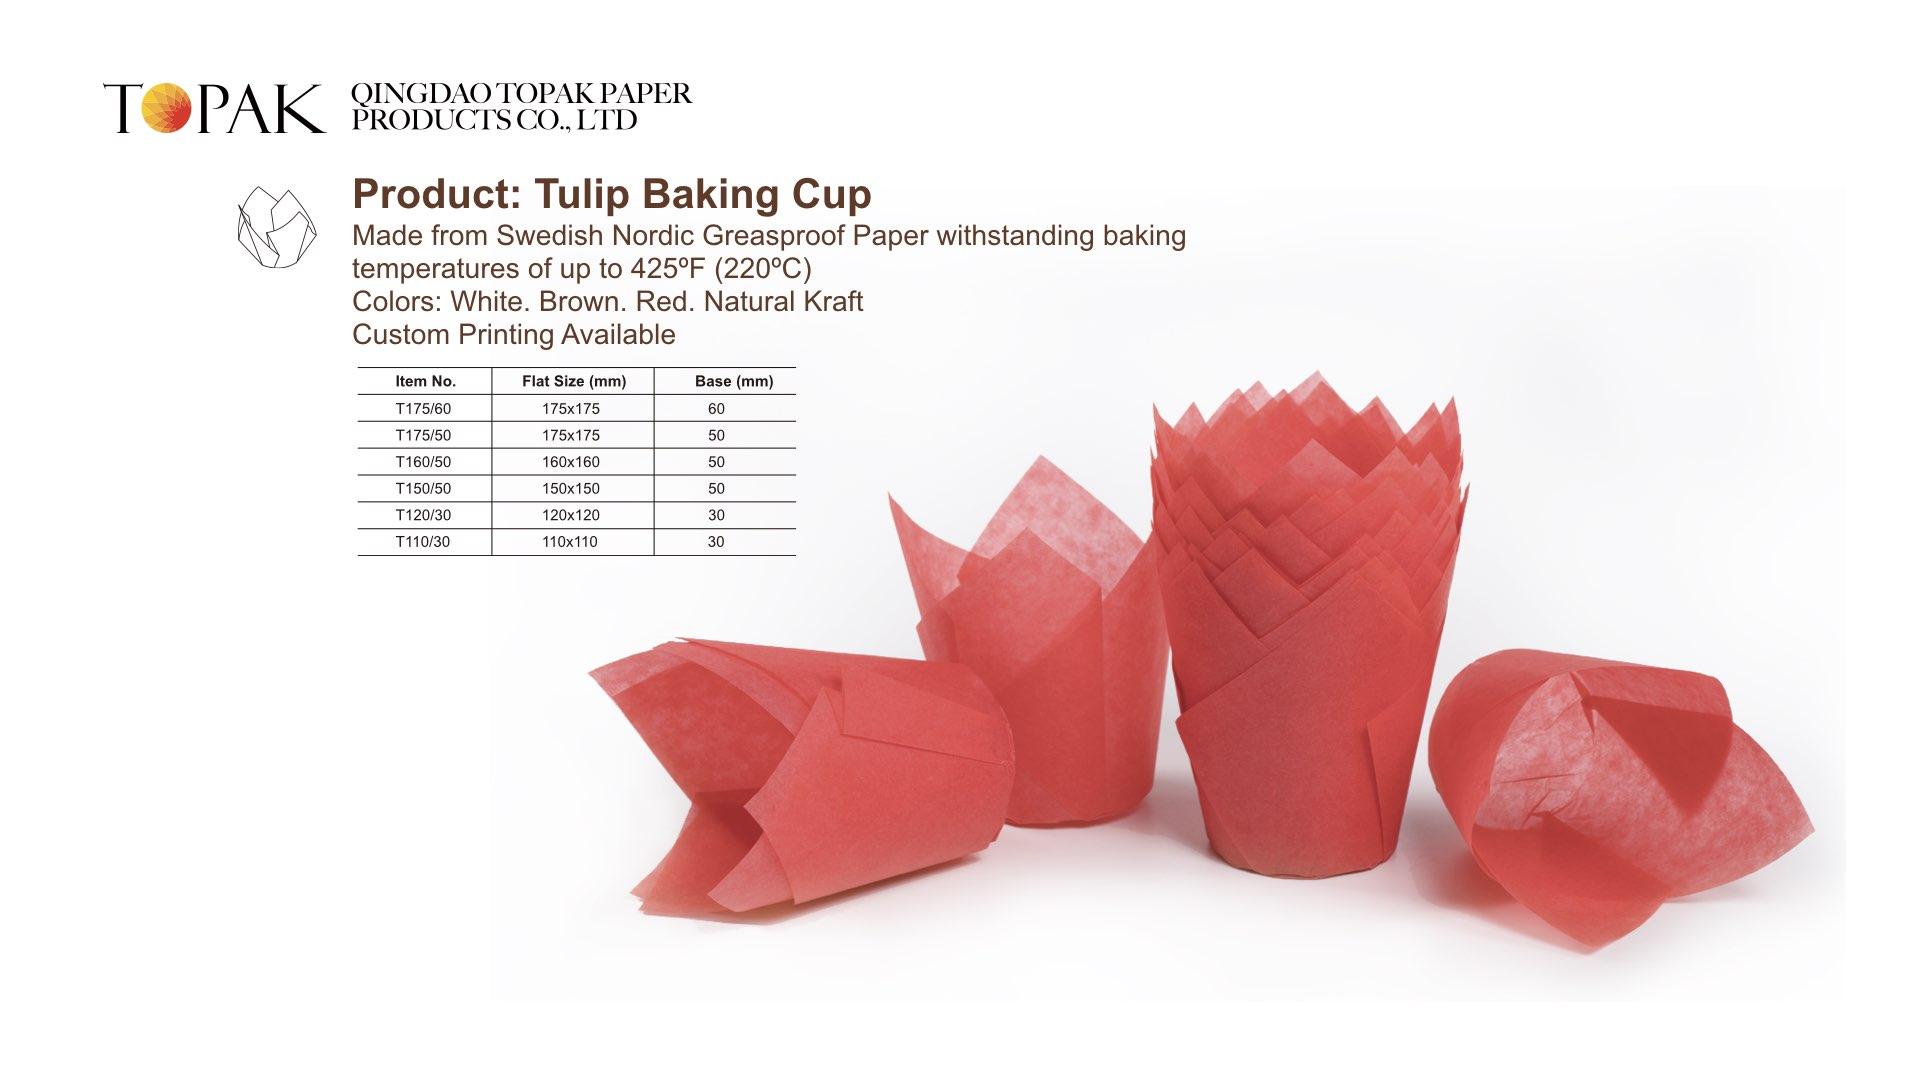 无硅油瑞典防油纸蛋糕杯 耐220℃